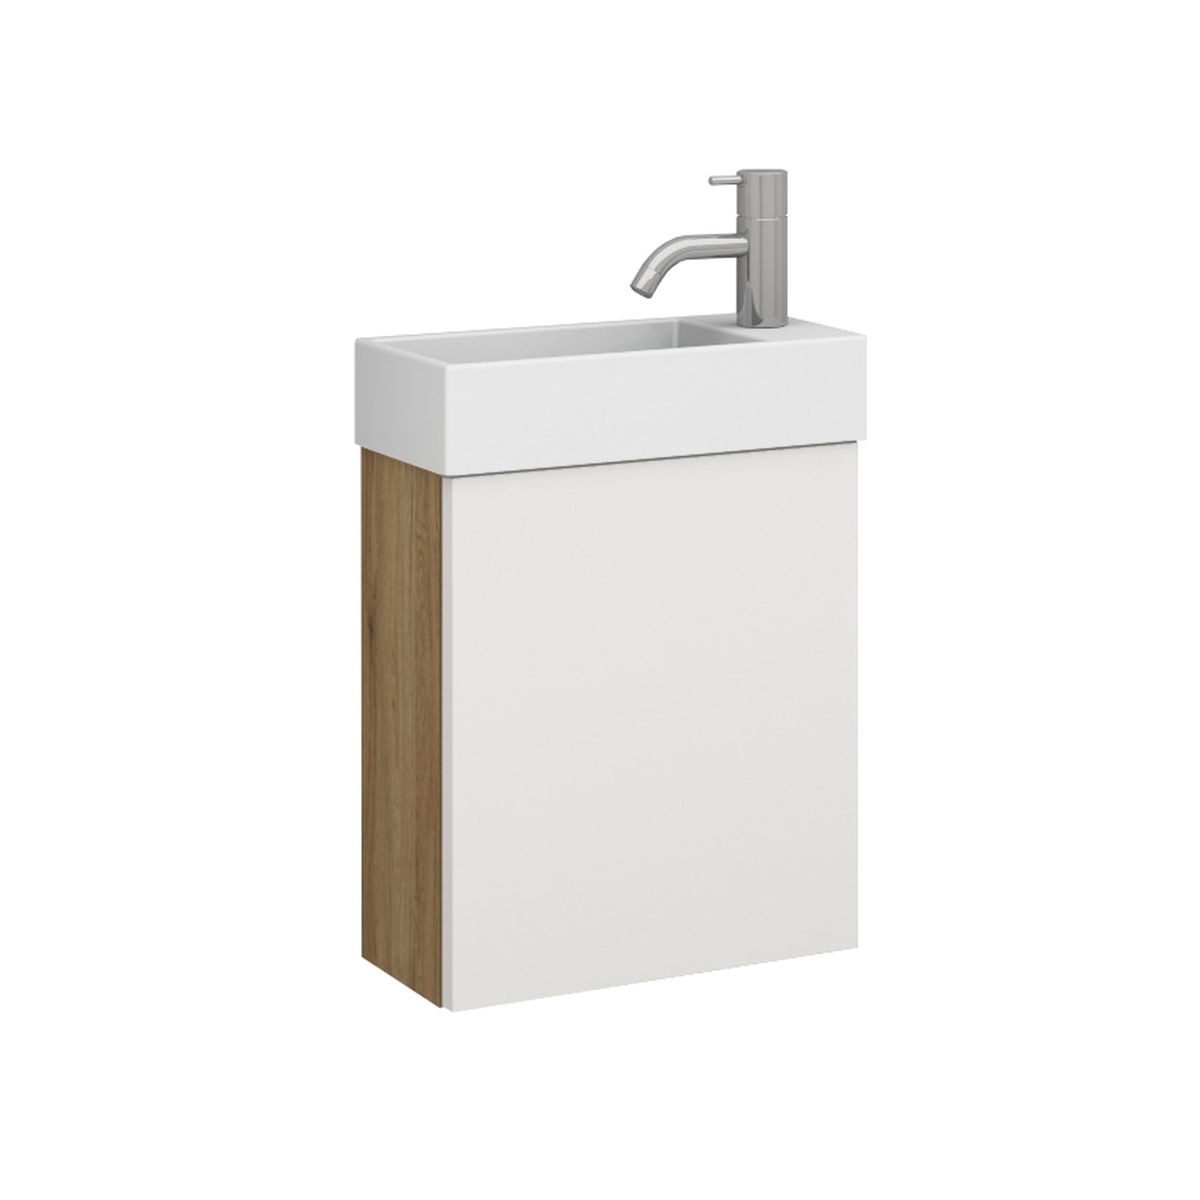 mico 35l keramik waschtisch set mit t r. Black Bedroom Furniture Sets. Home Design Ideas